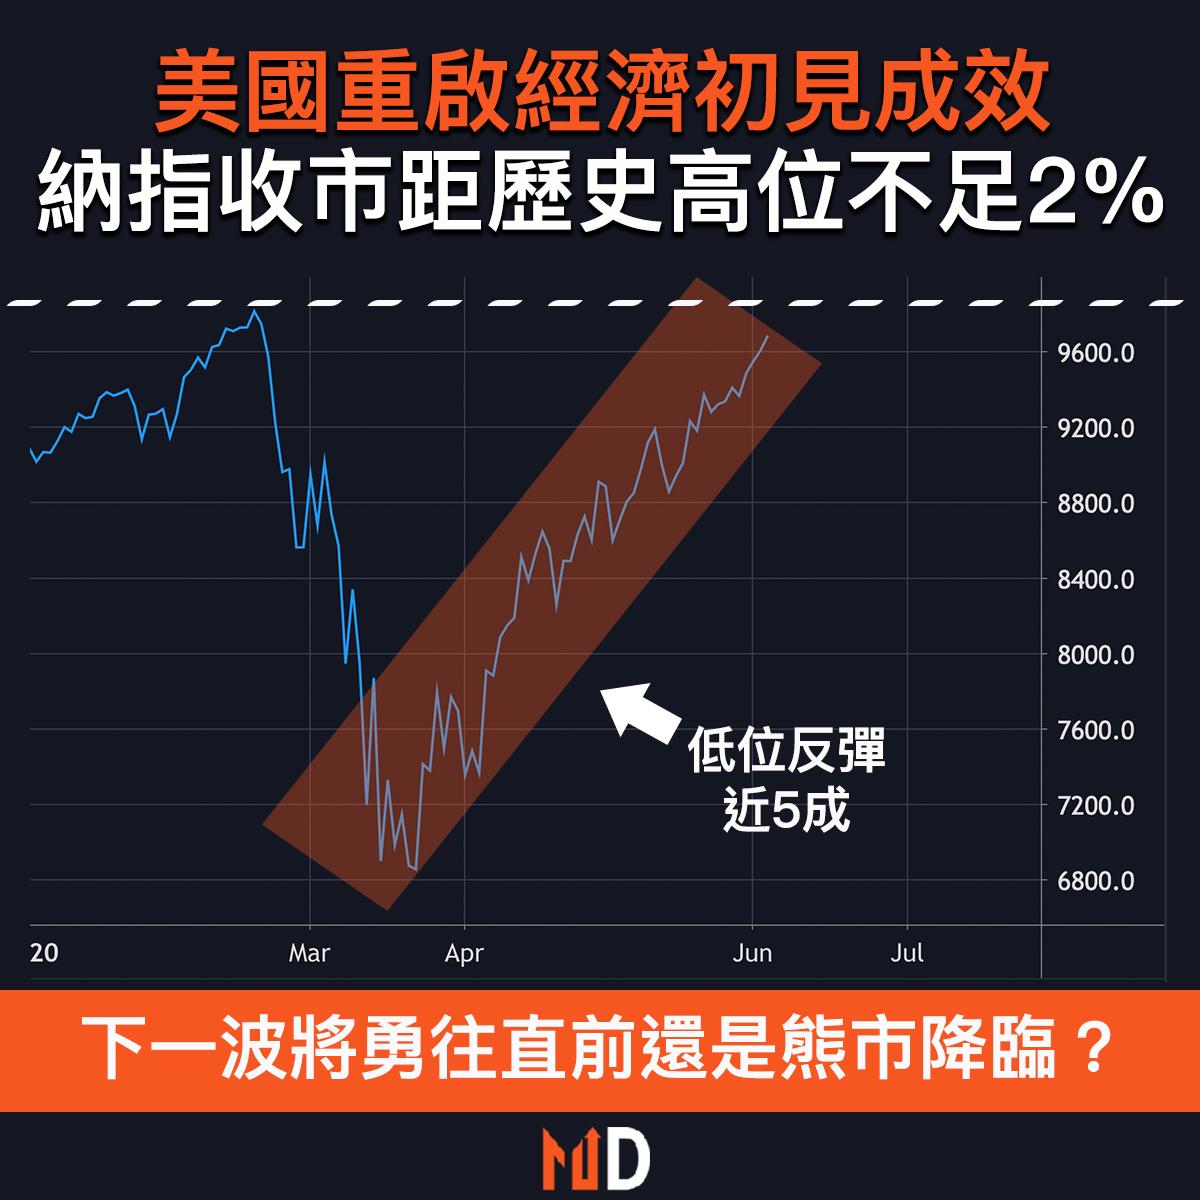 【市場熱話】美國重啟經濟初見成效,納指收市距歷史高位不足2%